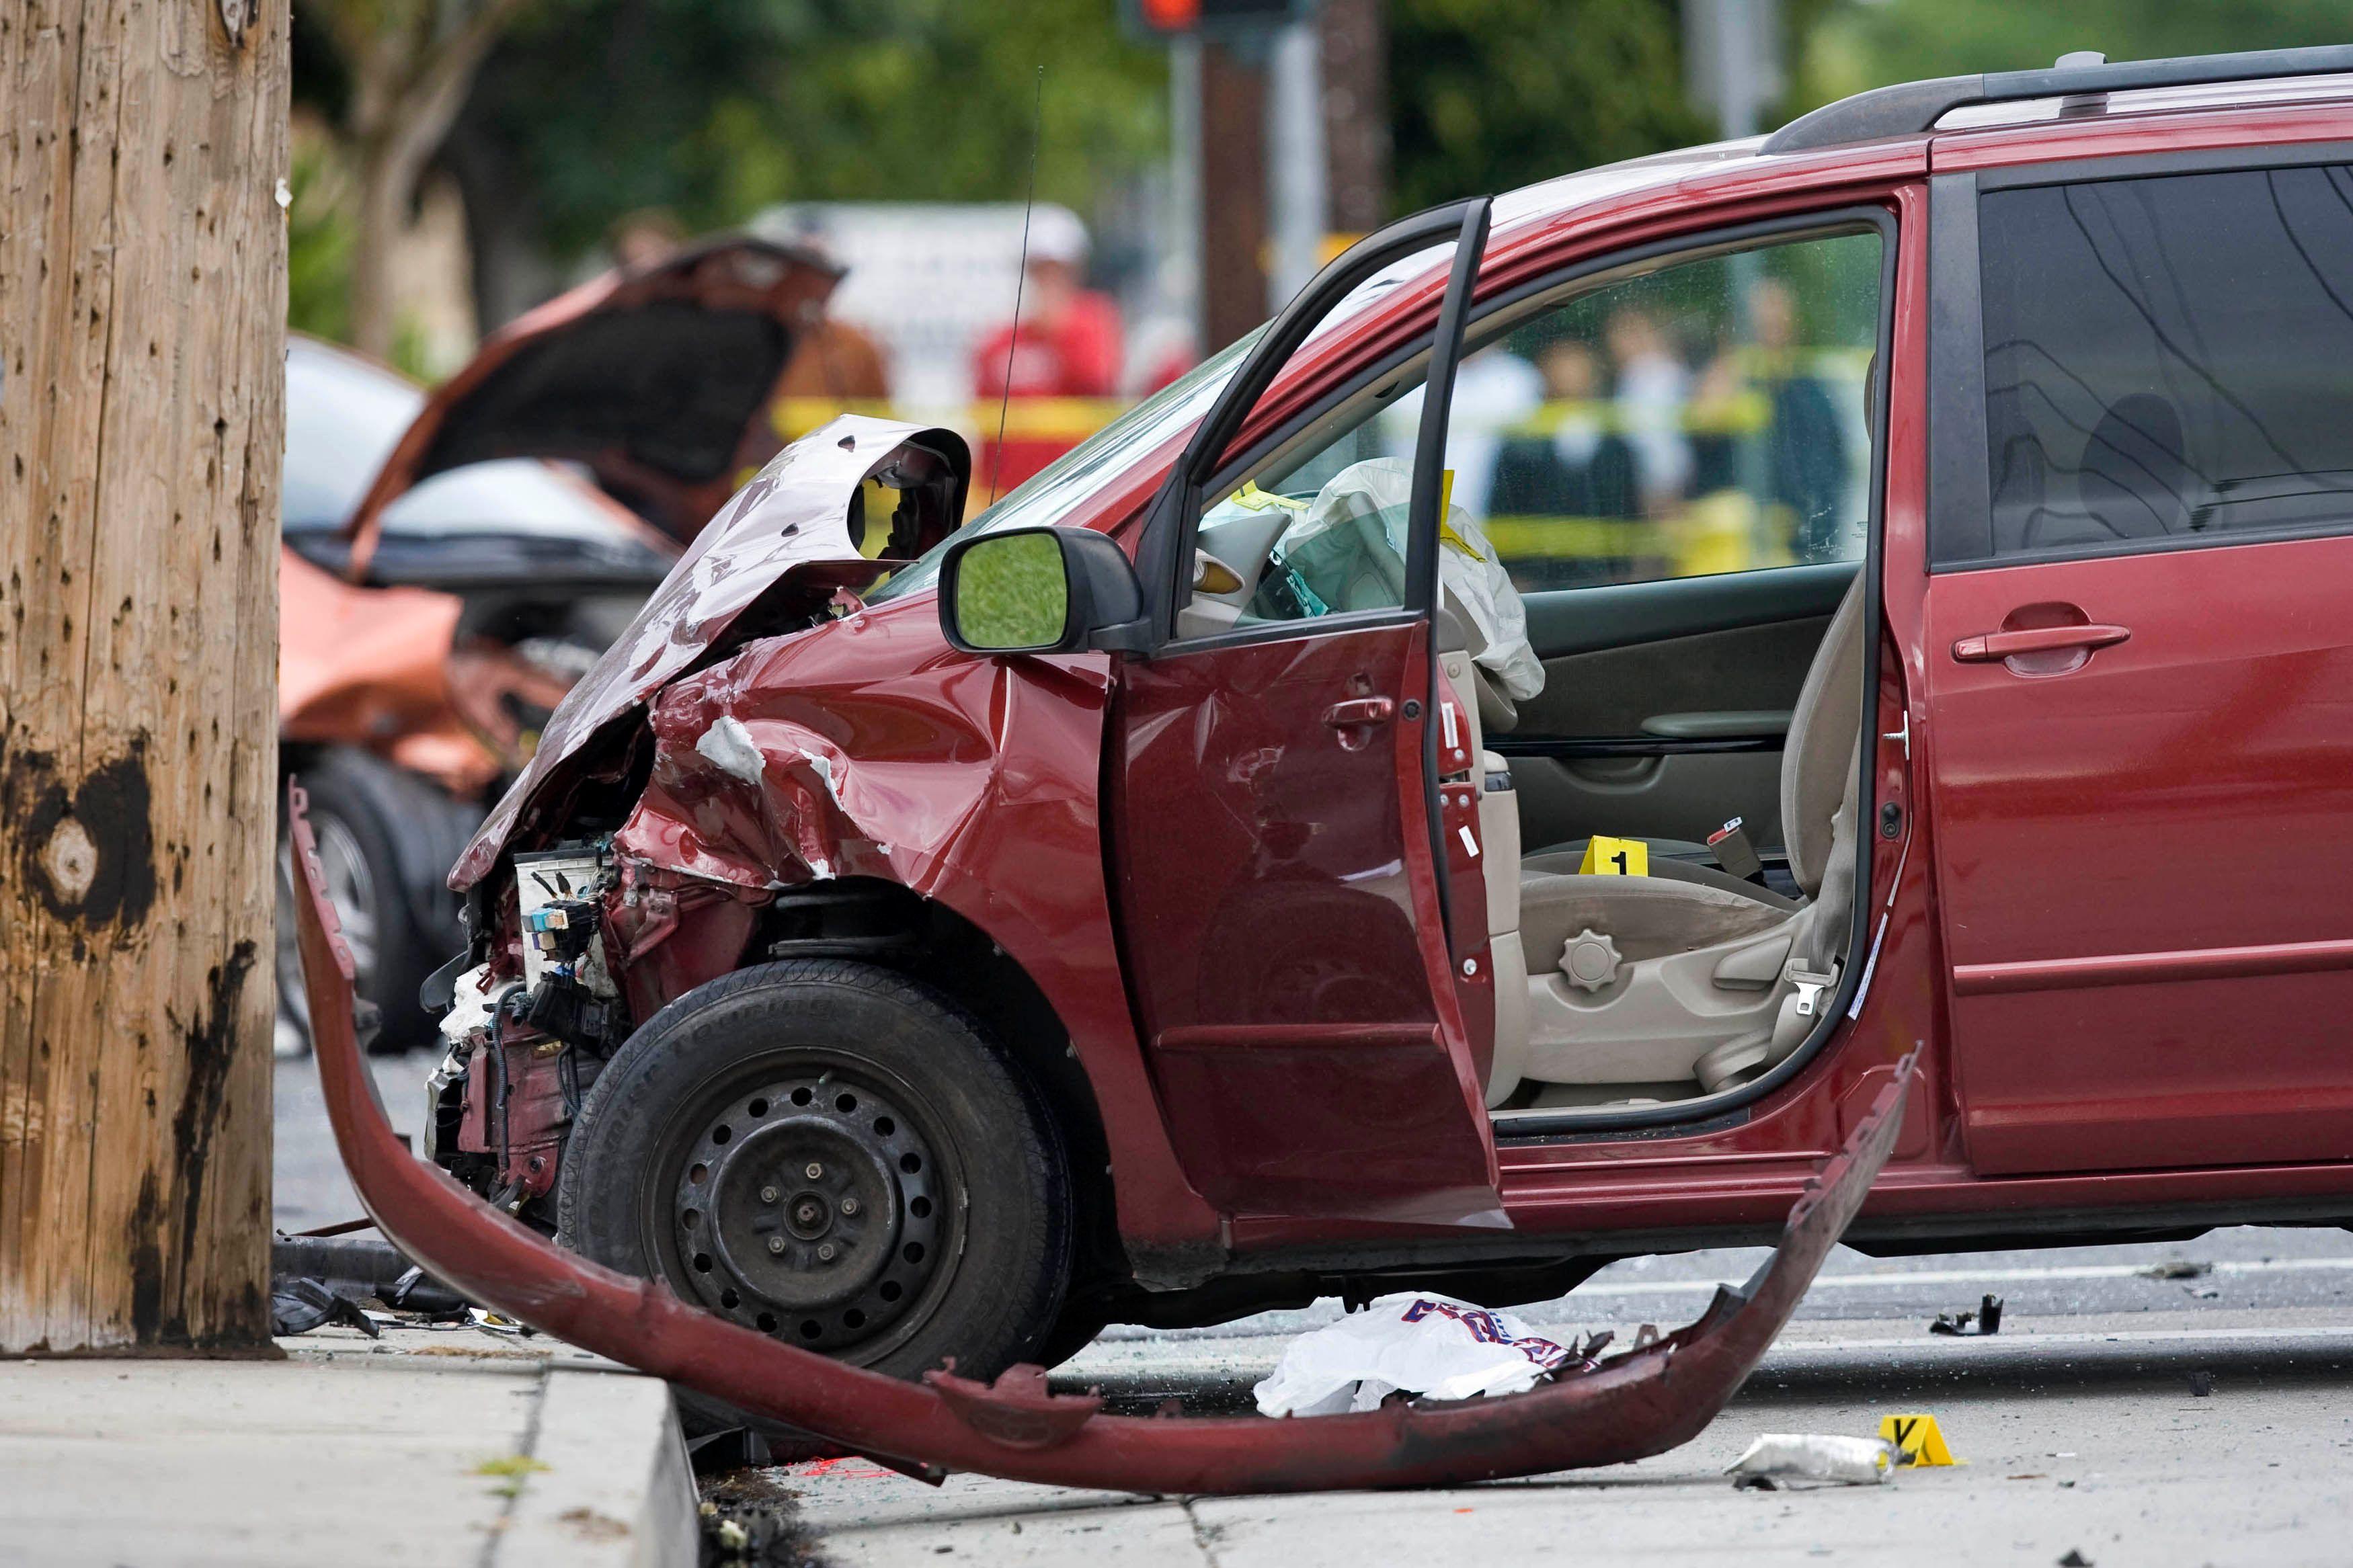 Sécurité routière : la réduction de 90 à 80 km/h de la vitesse réglementaire sur les routes nationales à l'étude